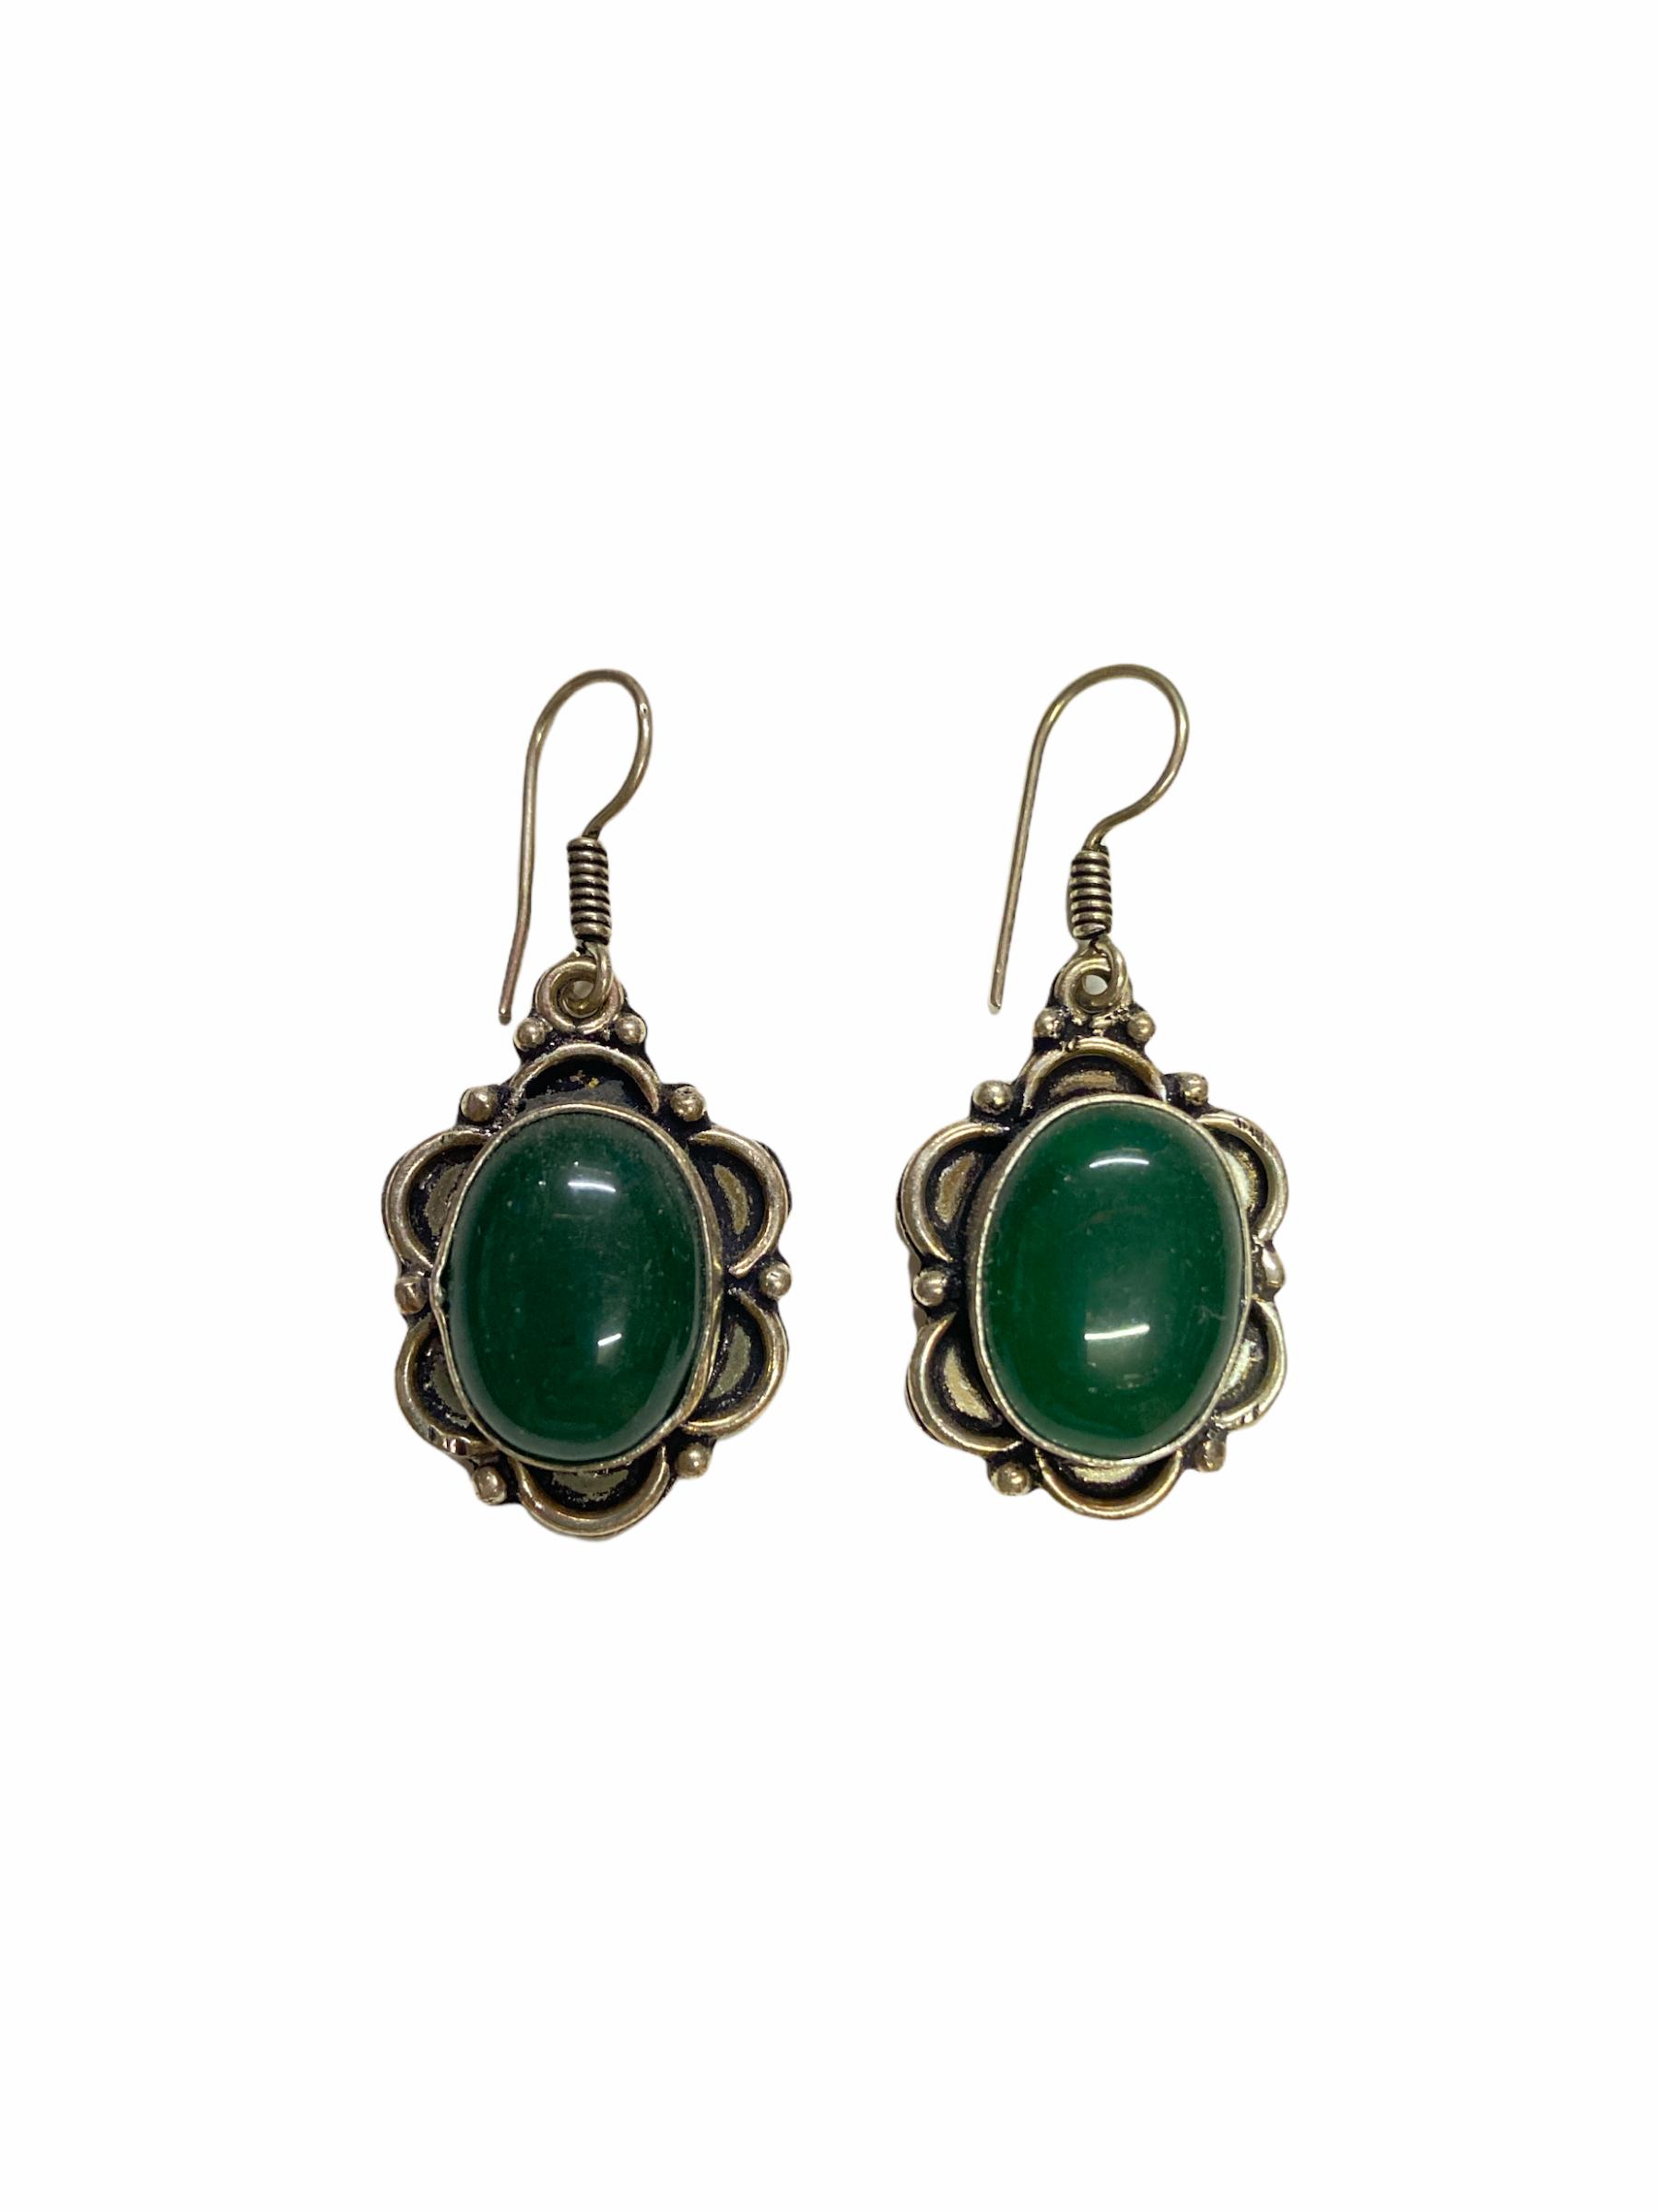 Σκουλαρίκια Χειροποίητα Μαργαρίτες Με Πράσινο Αχάτη Ασημί